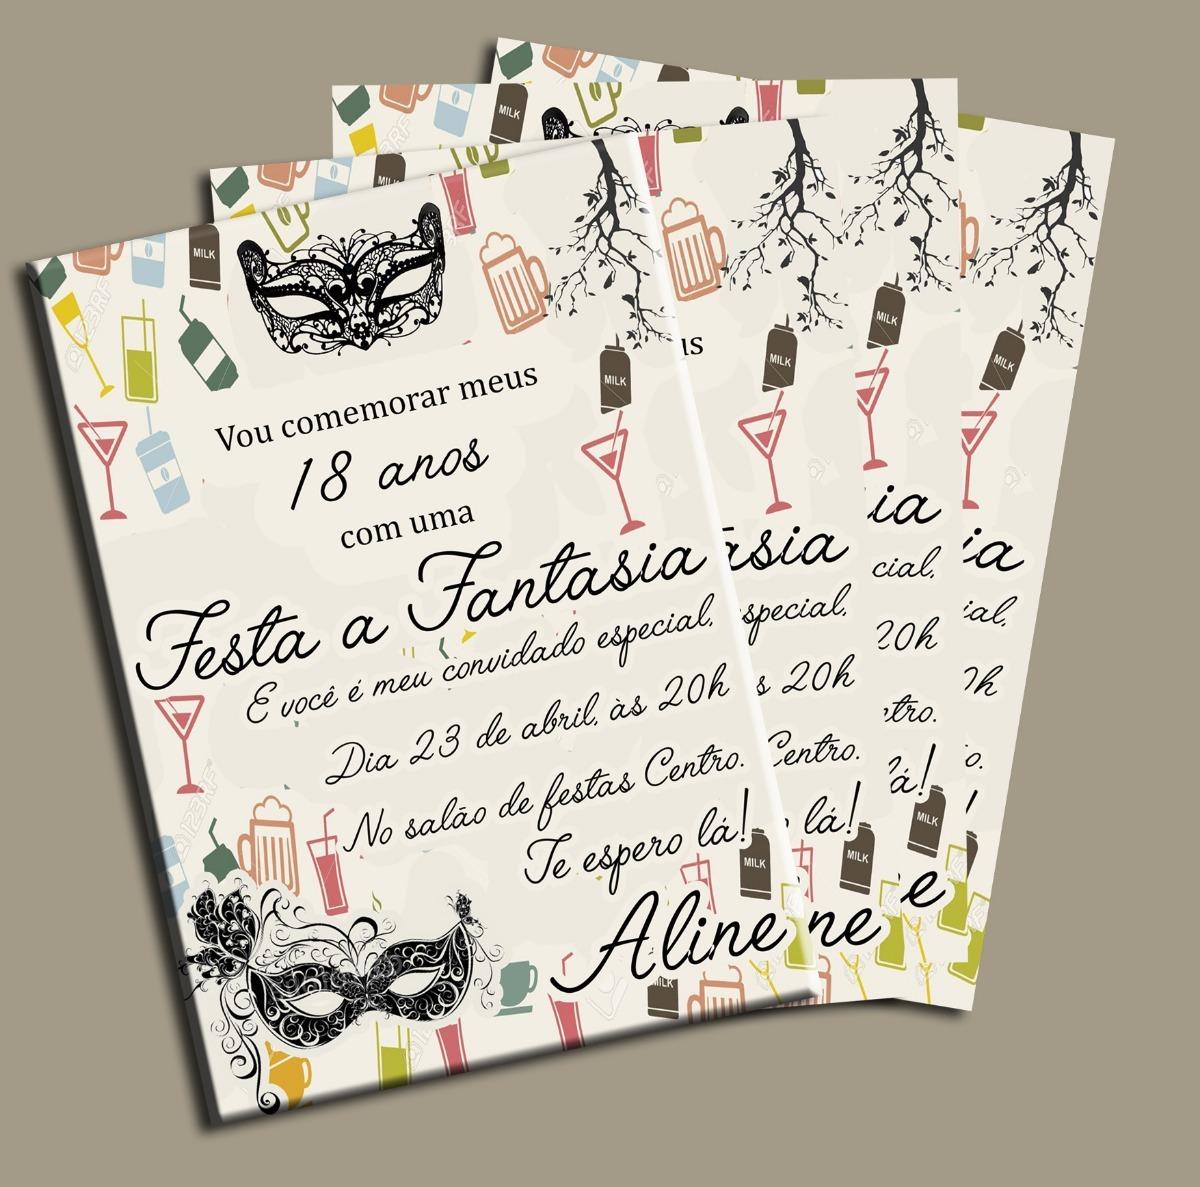 Convite Festa Fantasía 18 Anos 21cmx14cm R 4760 Em Mercado Livre